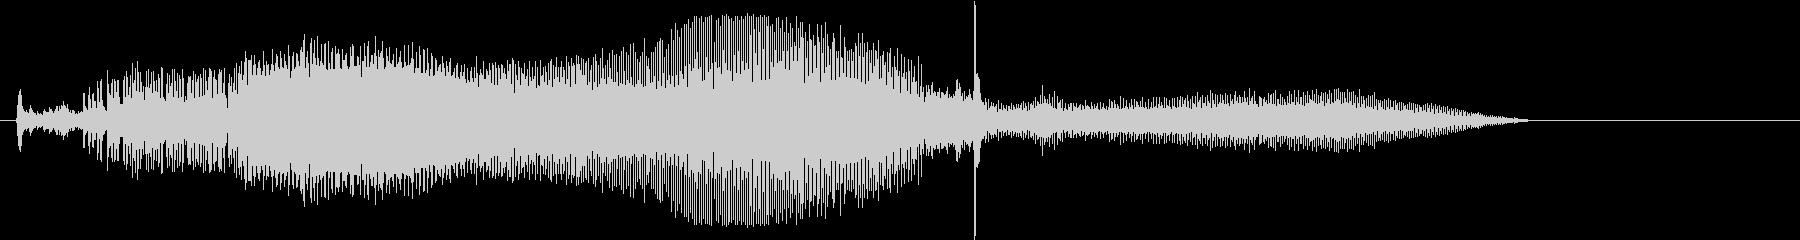 フォルクスワーゲン;スタート/アウ...の未再生の波形